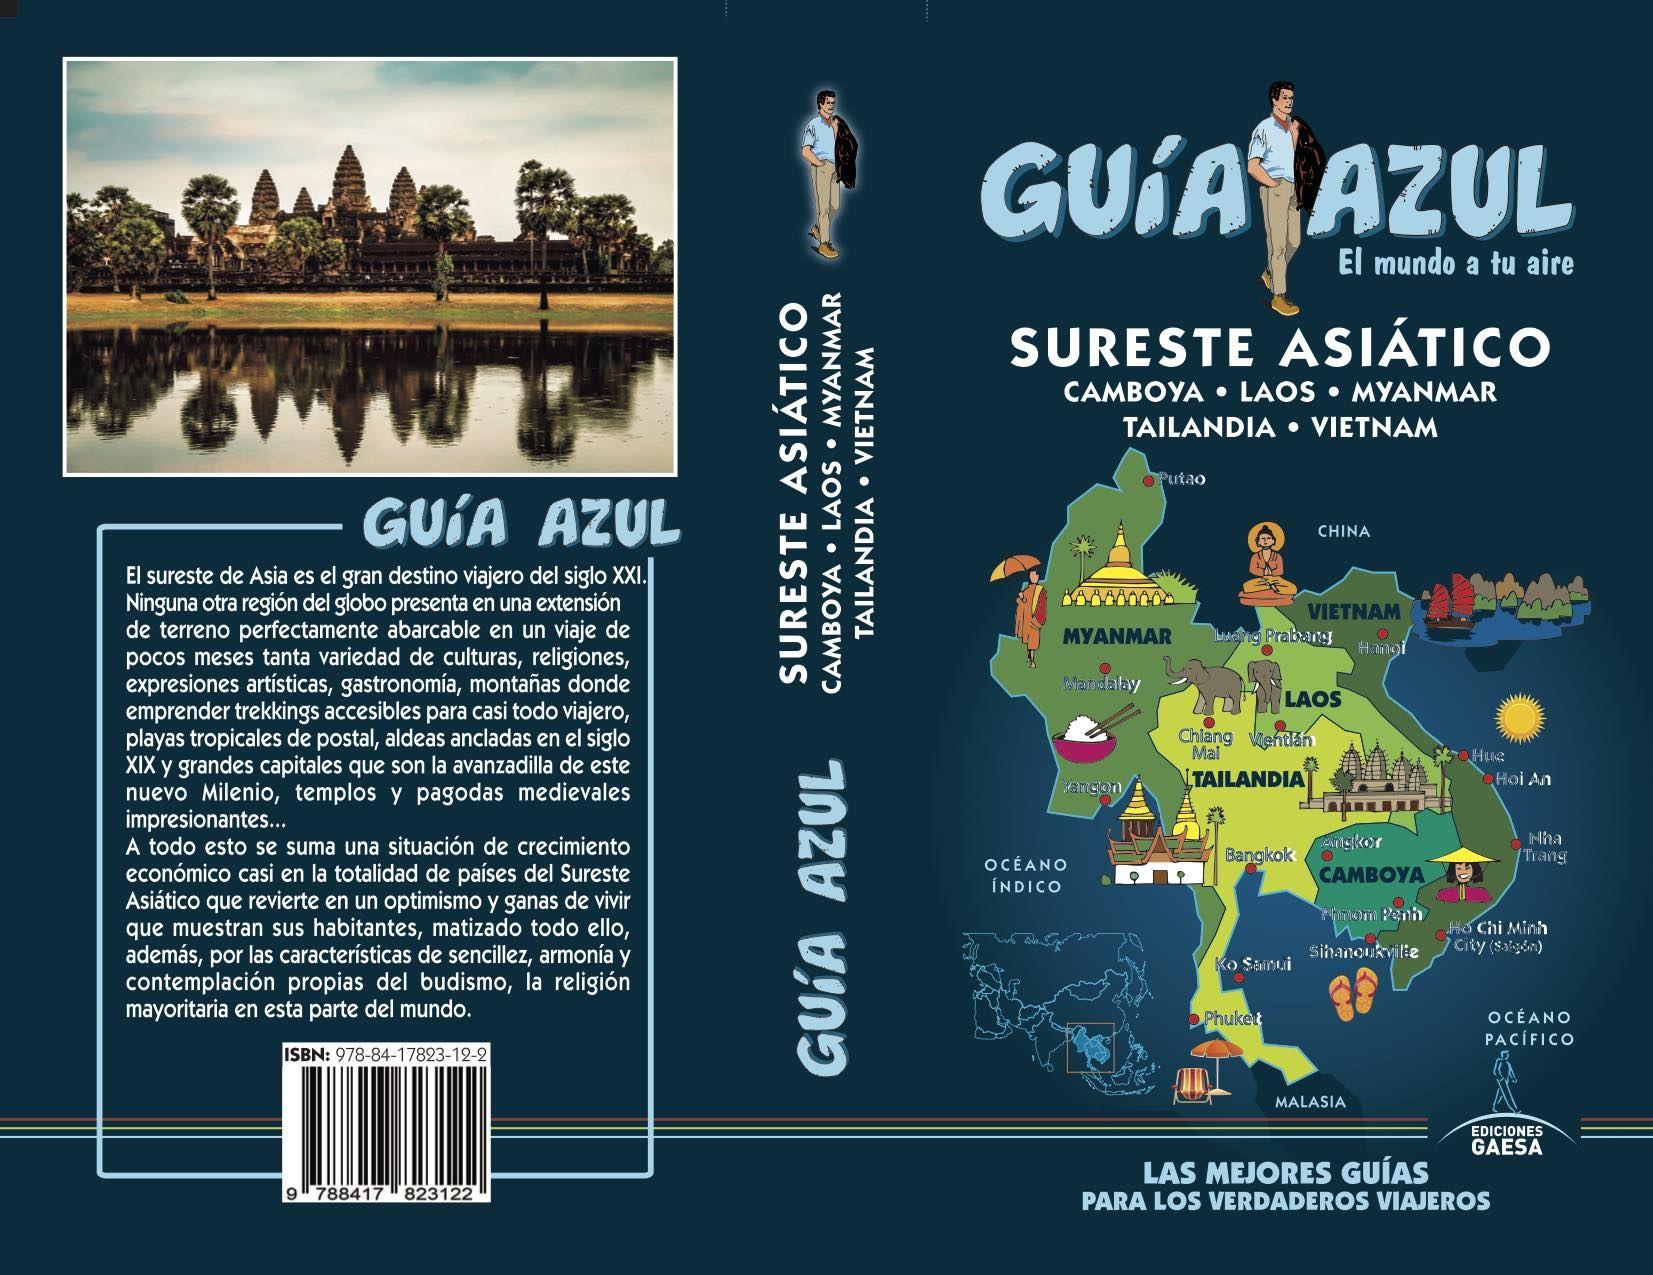 SURESTE ASIATICO GUIA AZUL